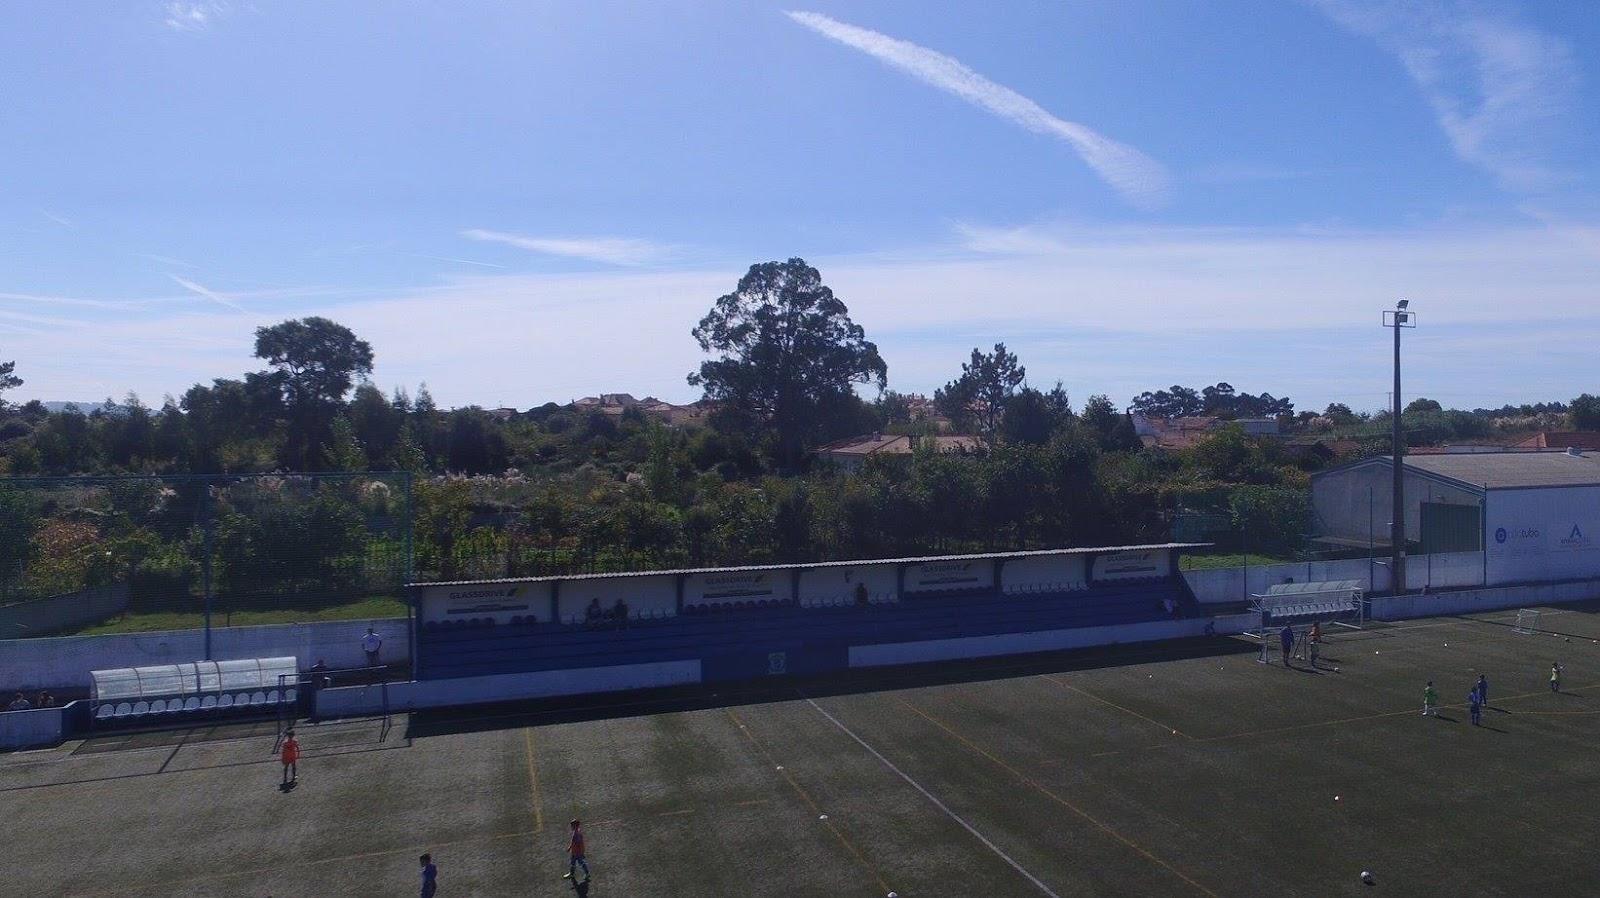 Notas breves: Barrosas, Serzedo, Desportivo, Águas Santas e Aldeia nova